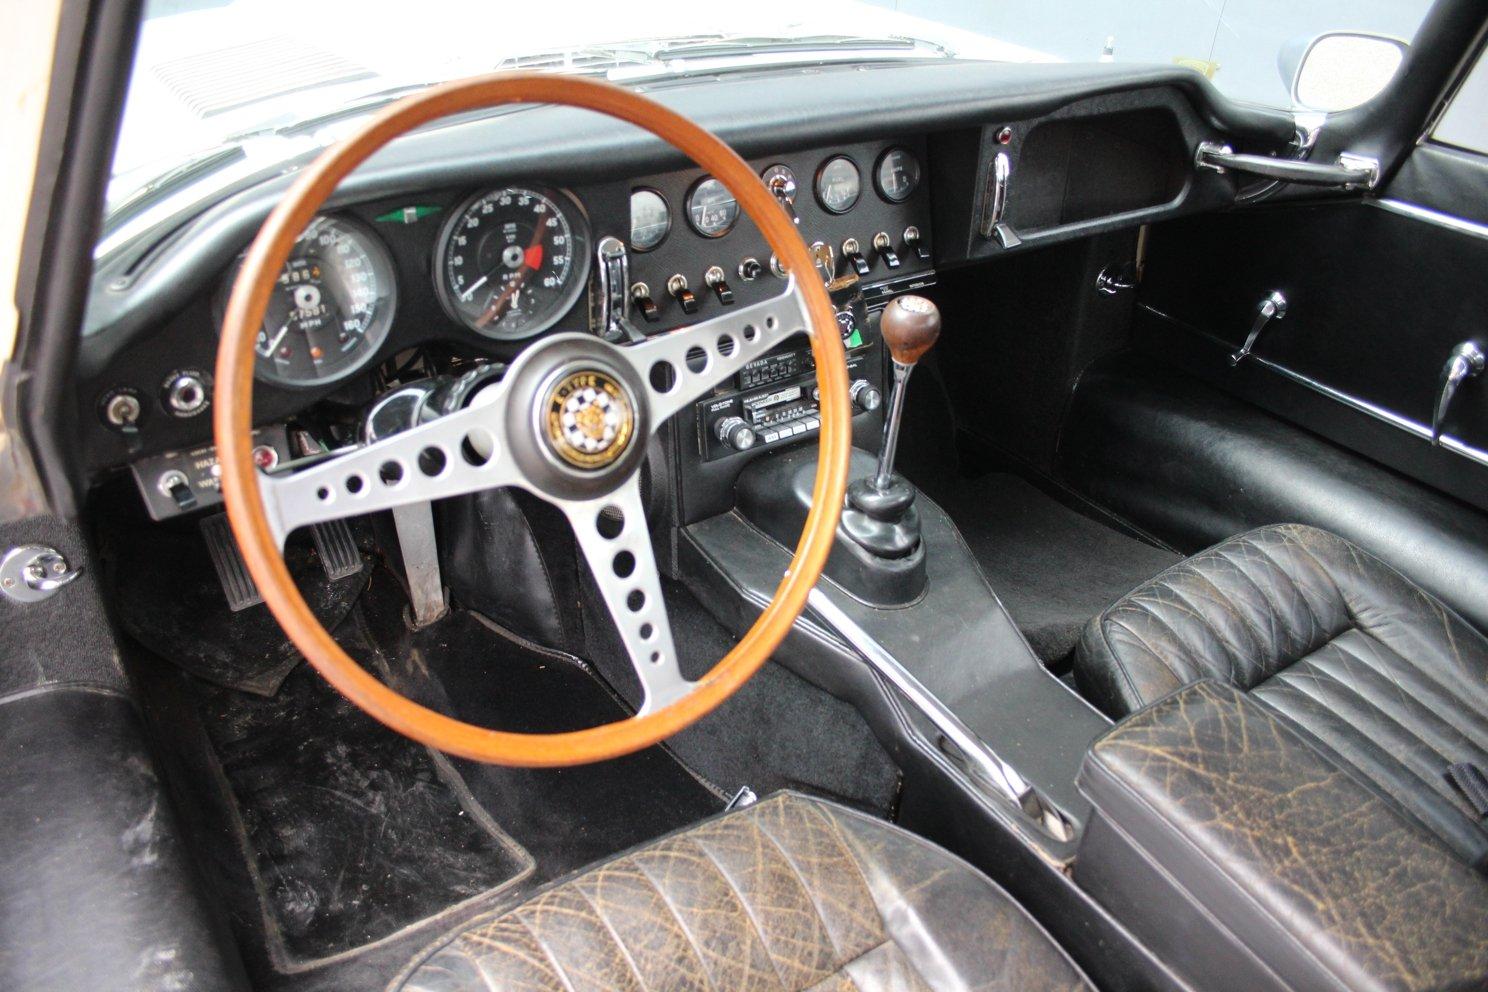 1966 Jaguar E-Type Series I 4.2 Litre Coupé LHD For Sale (picture 3 of 6)